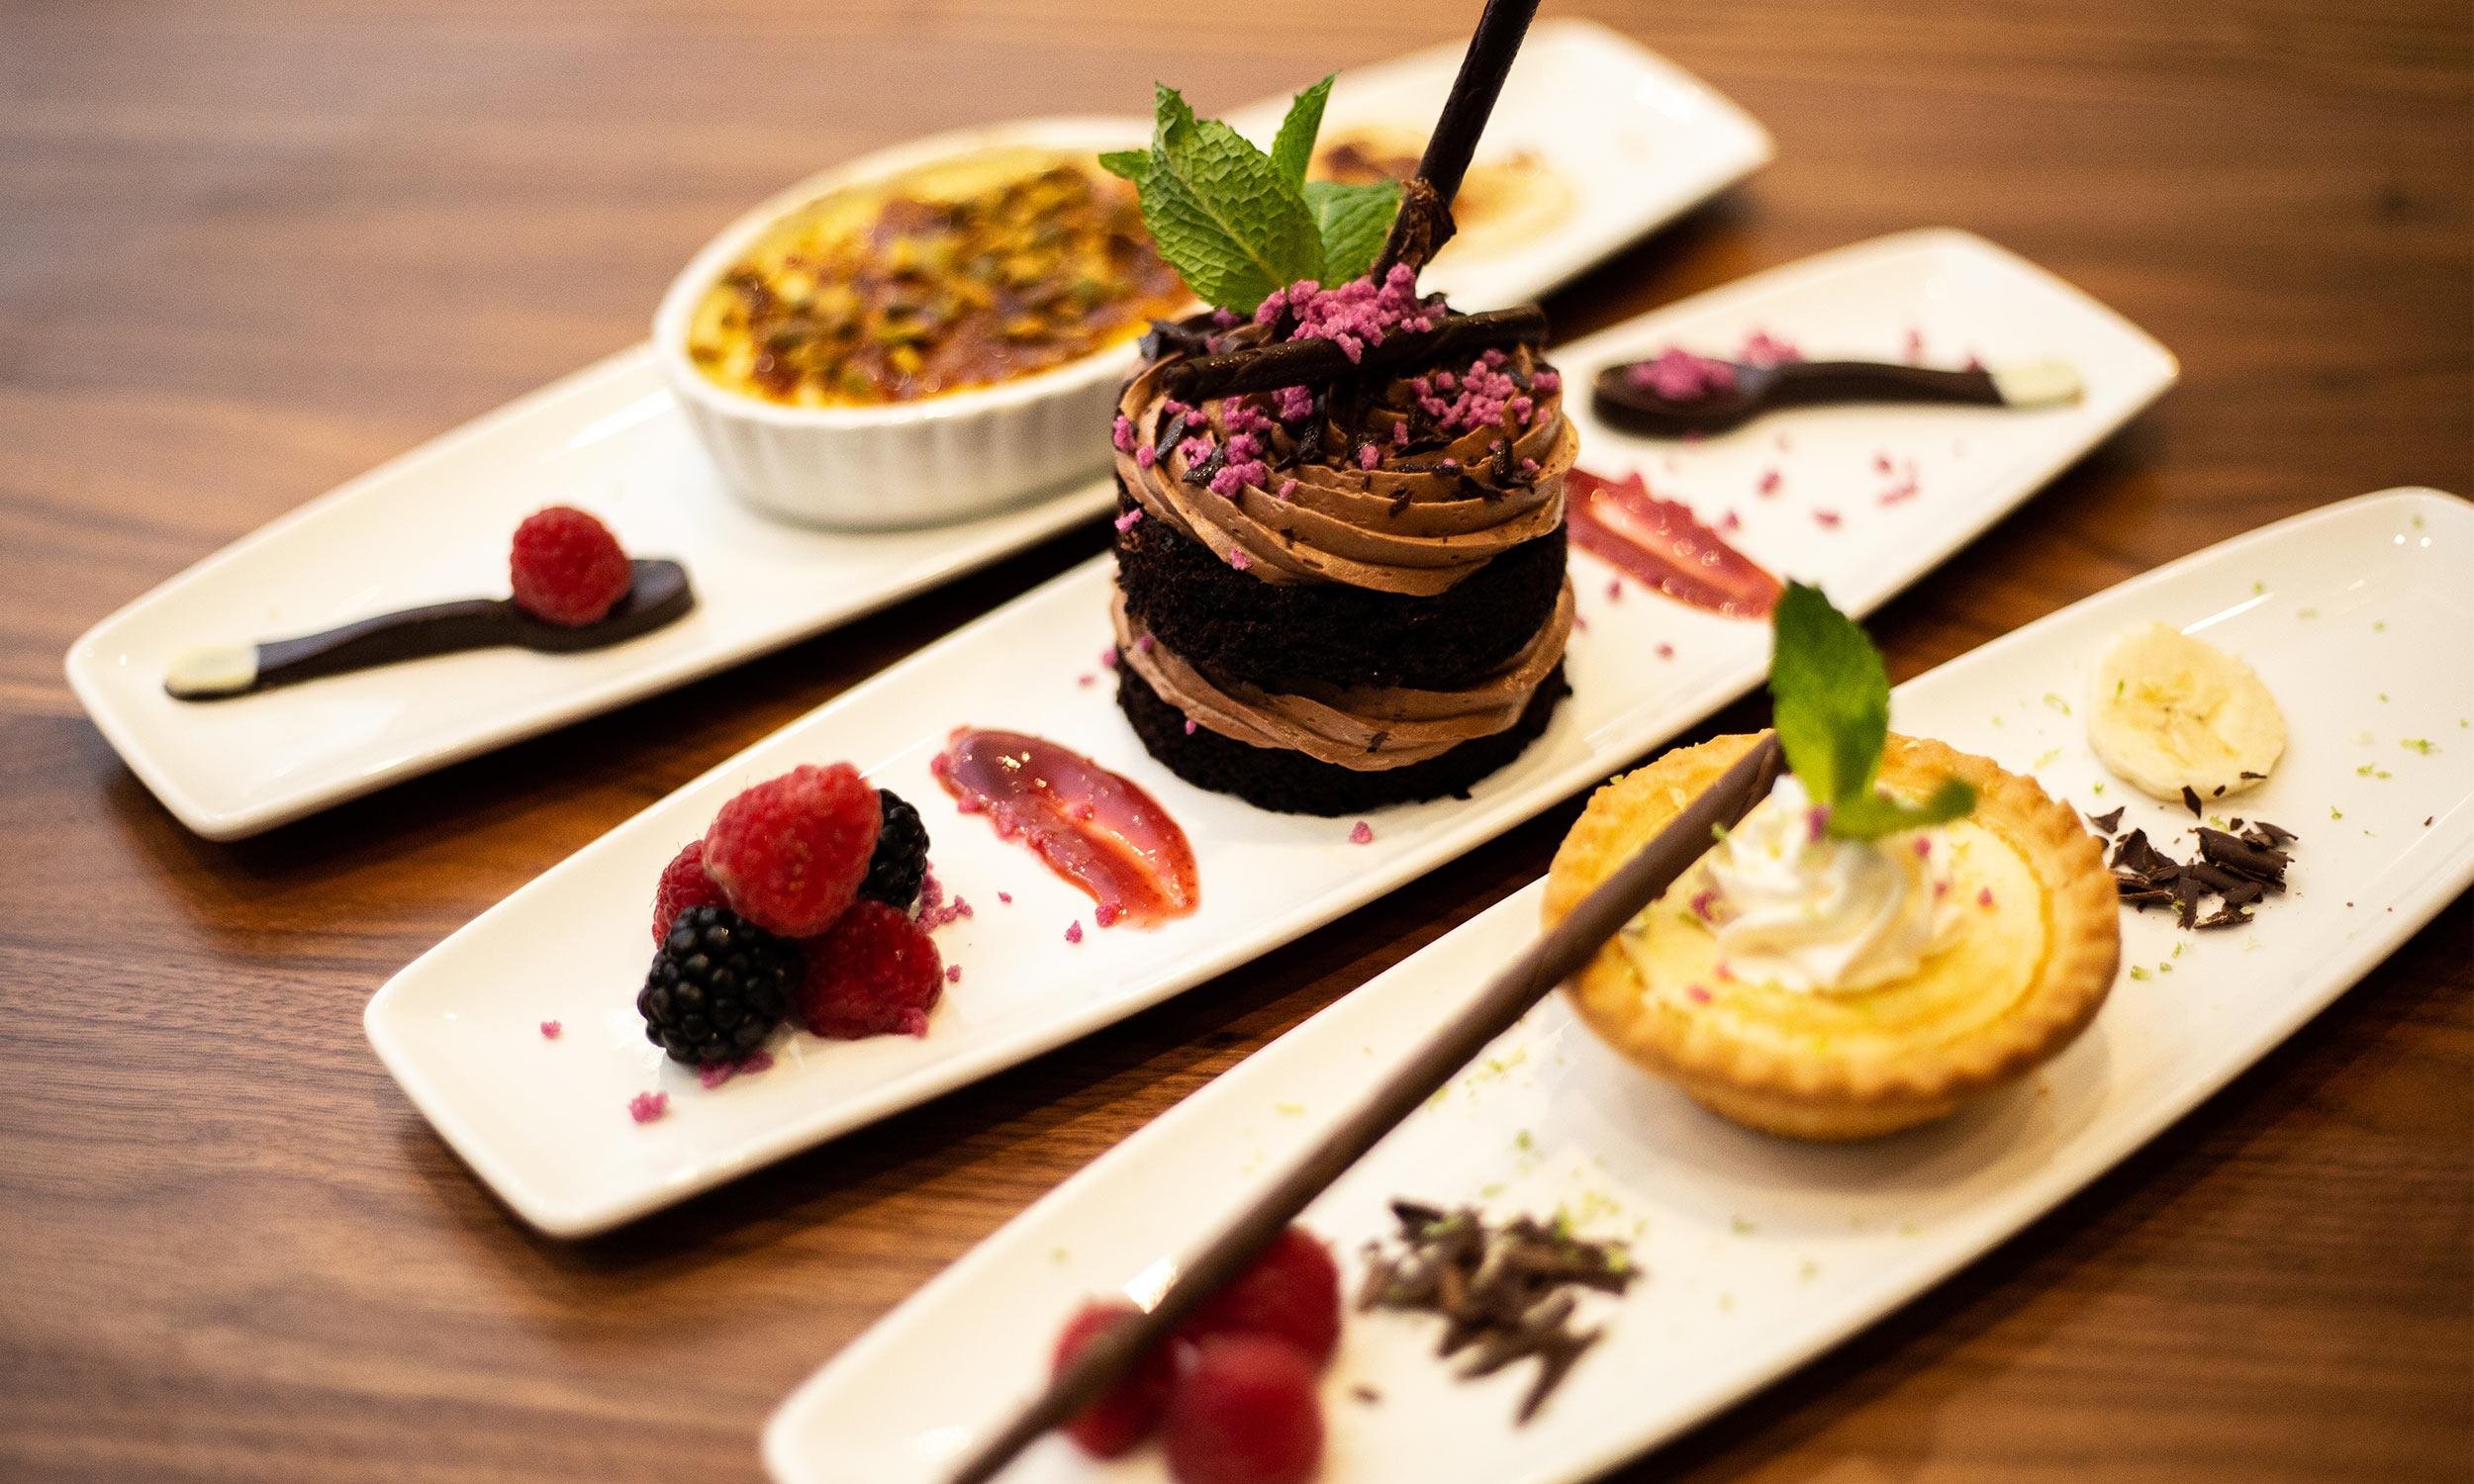 bridges-restaurant-dessert-sarasota-fl-1.jpg